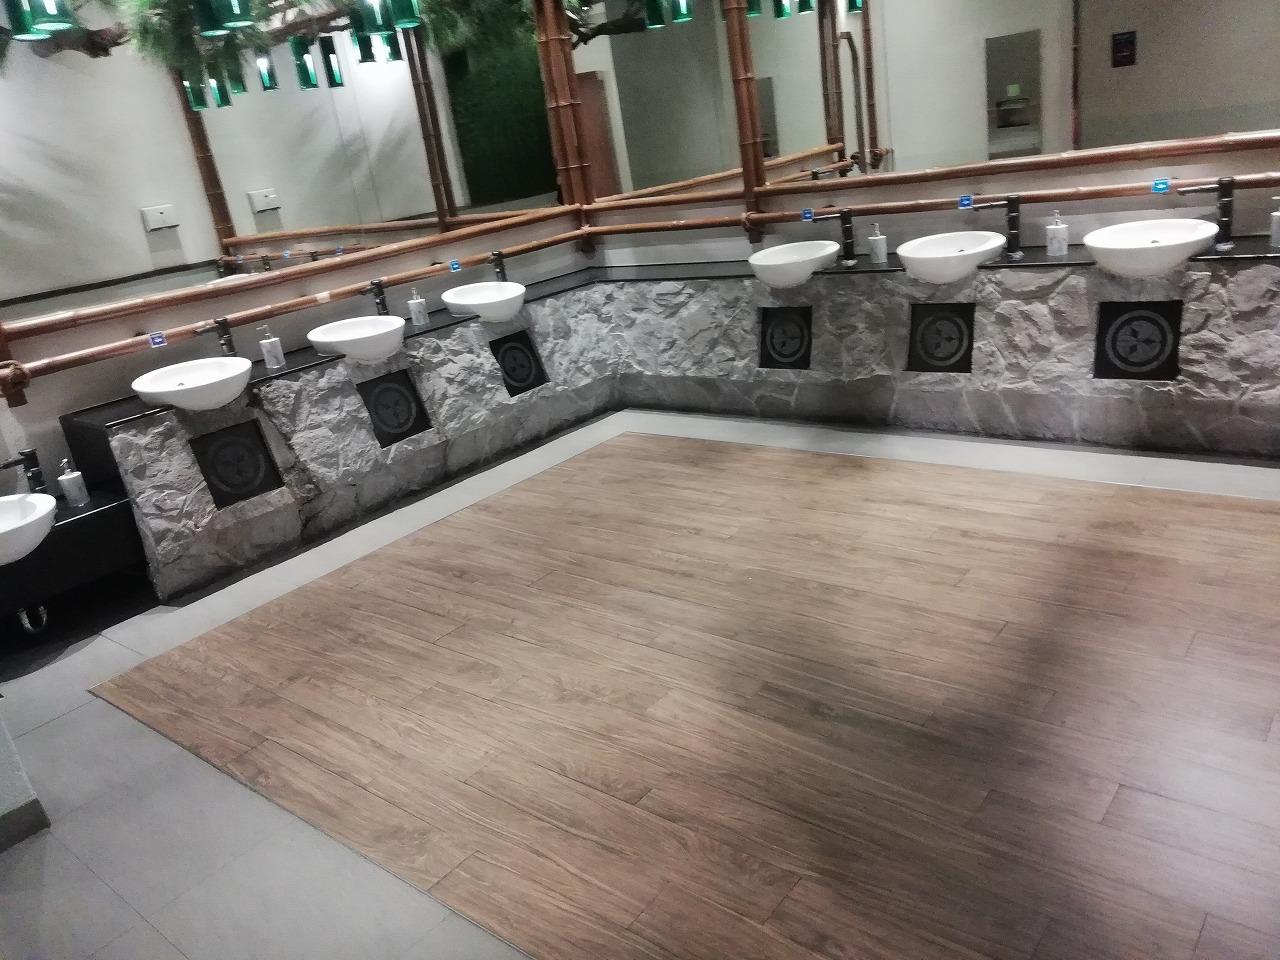 ターミナル21 コラート トイレ 東京 写真 画像